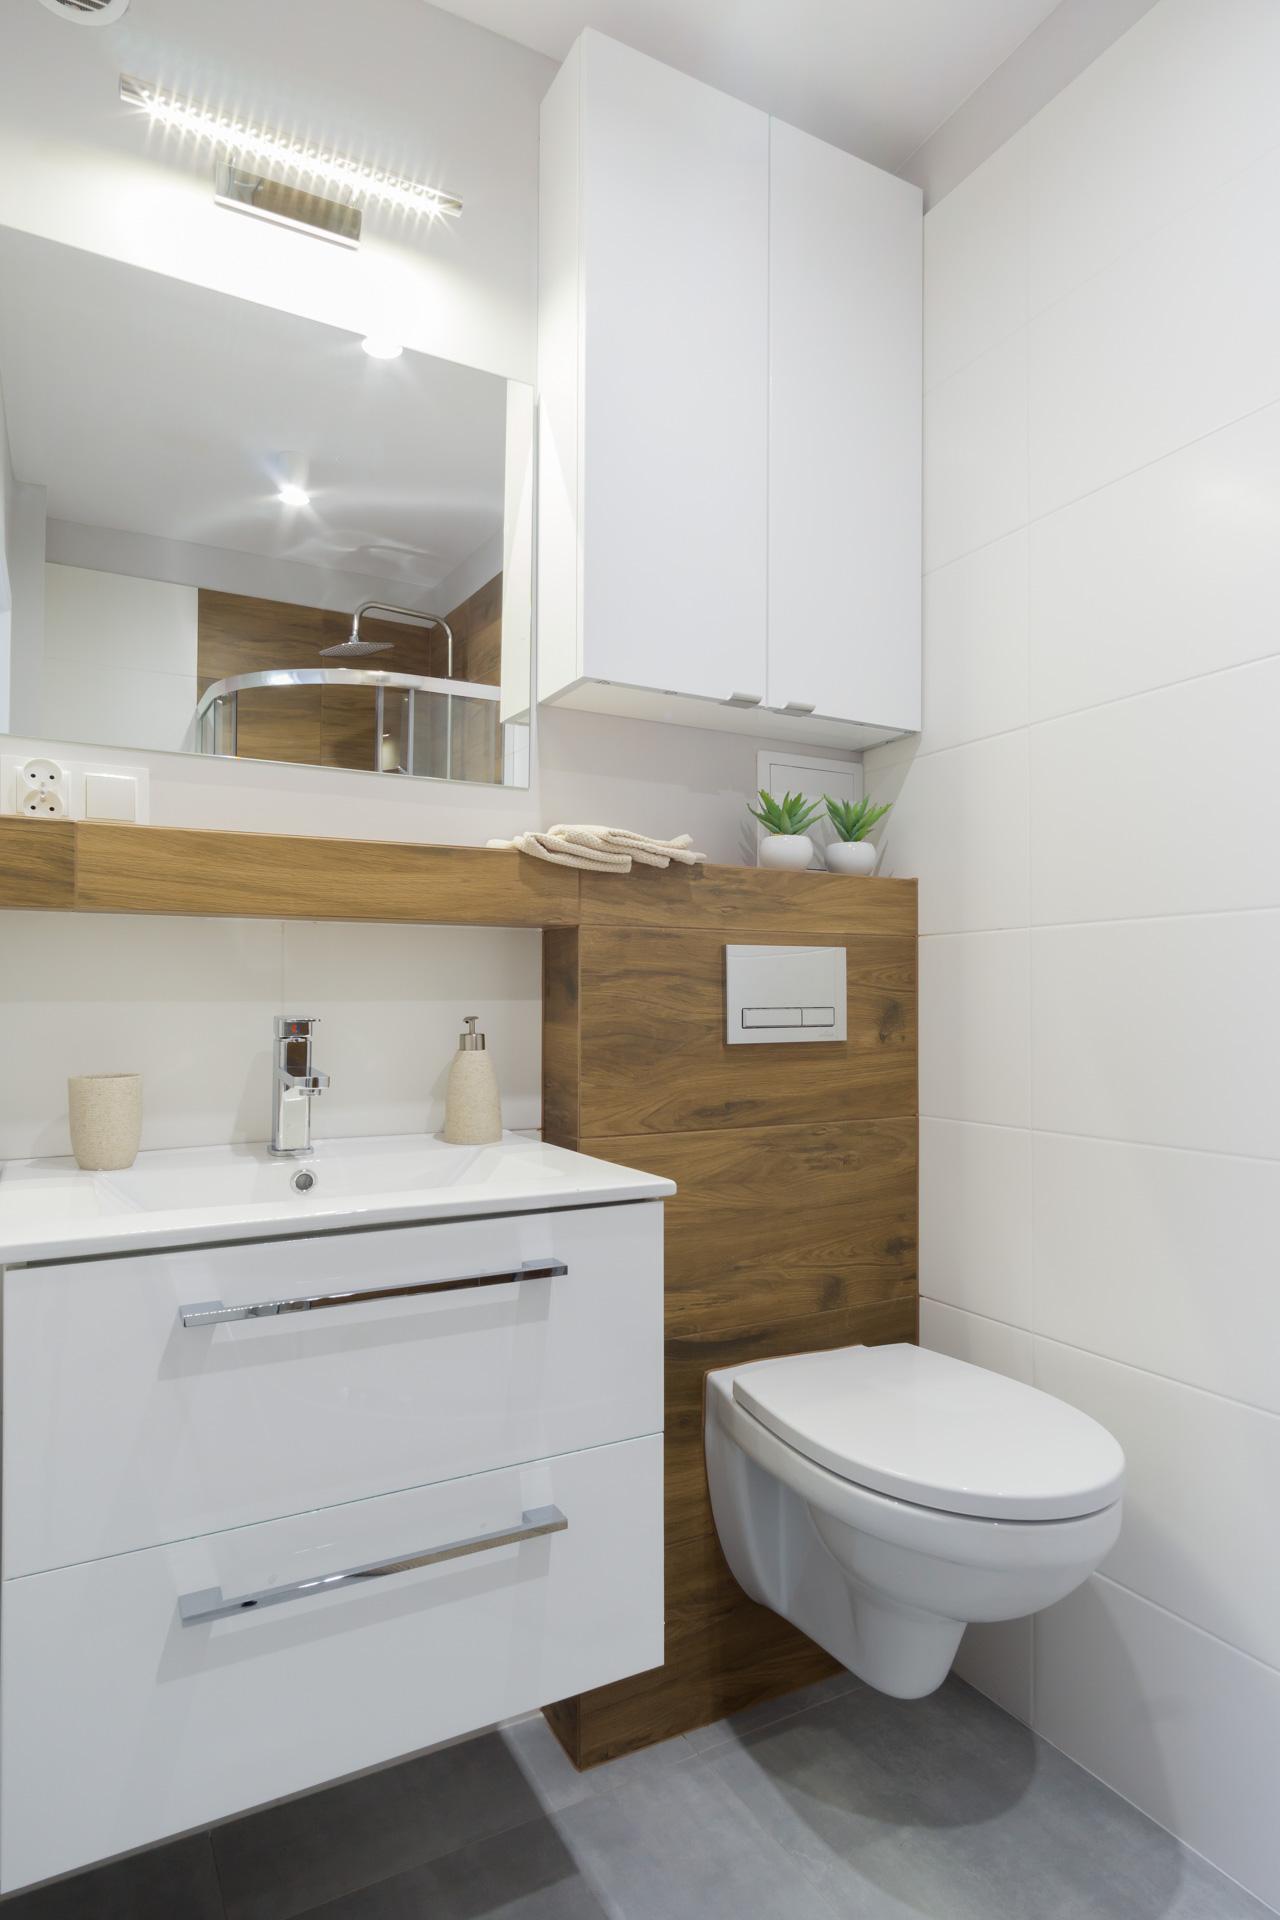 zdjecia mieszkania łazienka